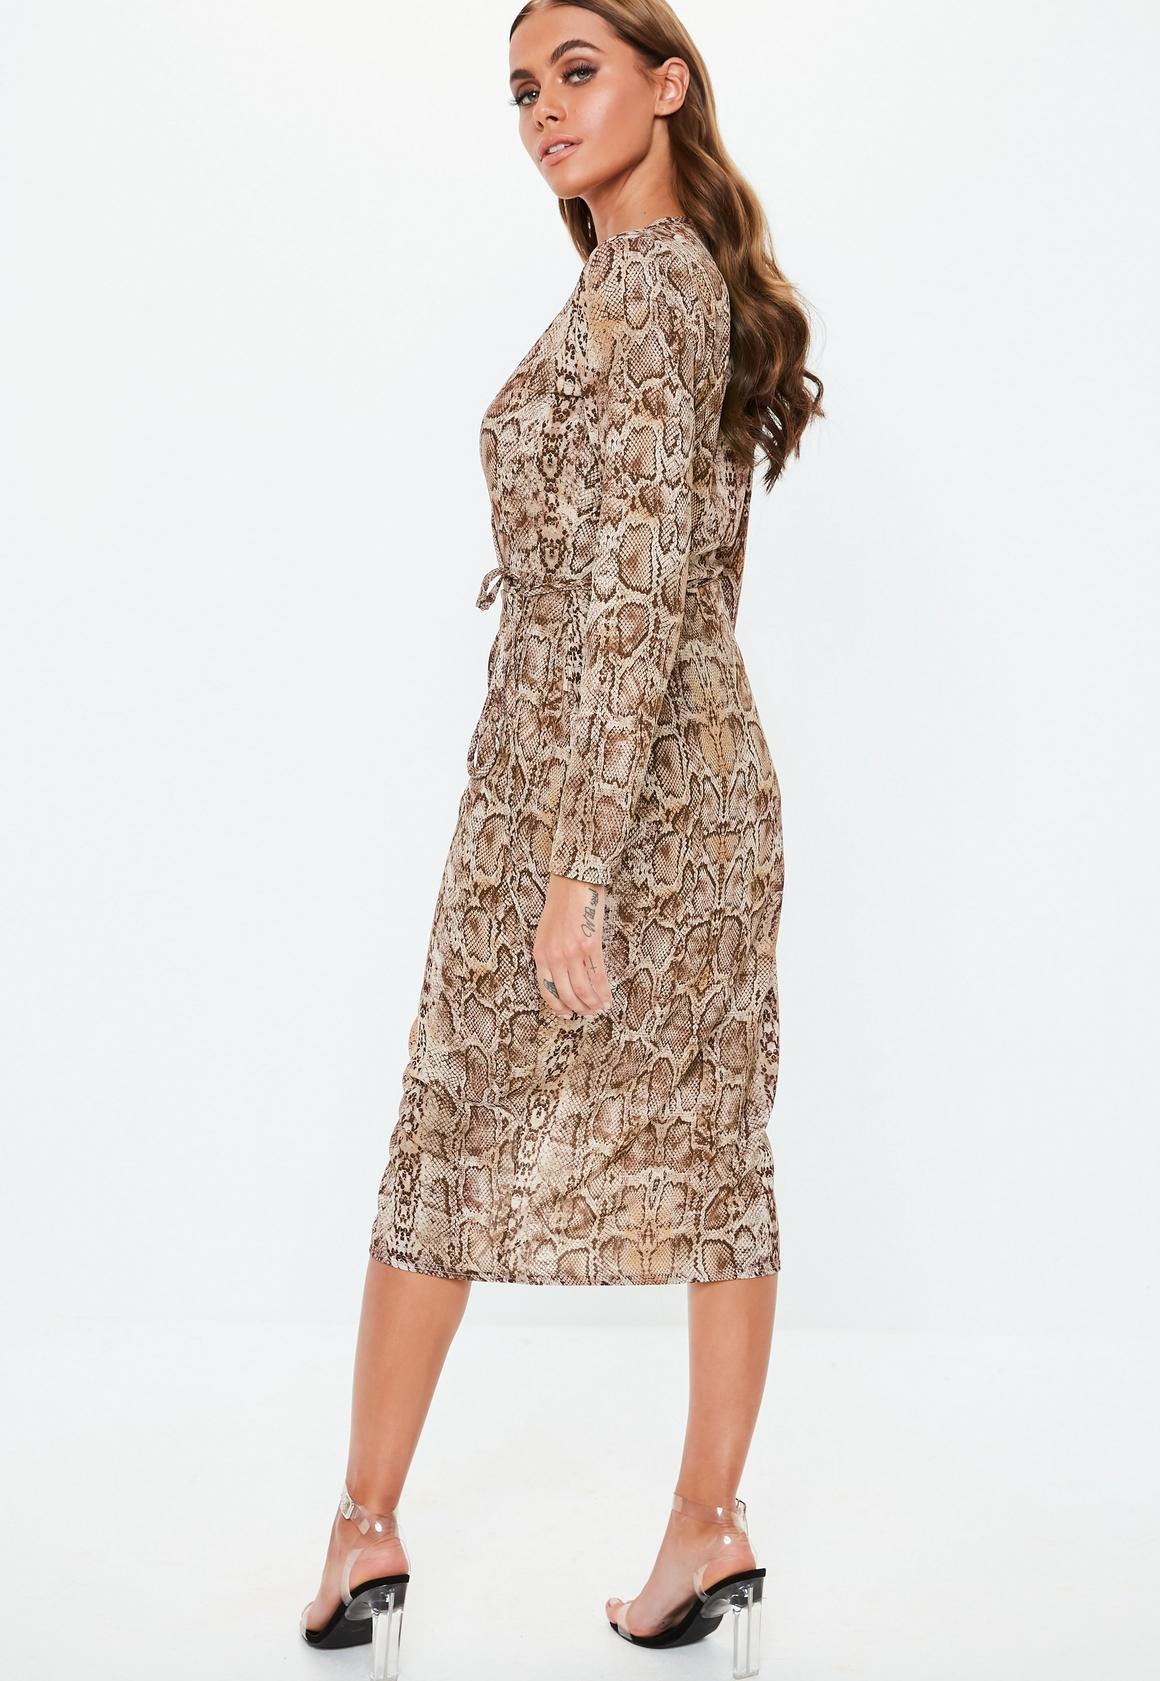 Missguided - robe midi portefeuille marron à imprimé serpent - 4